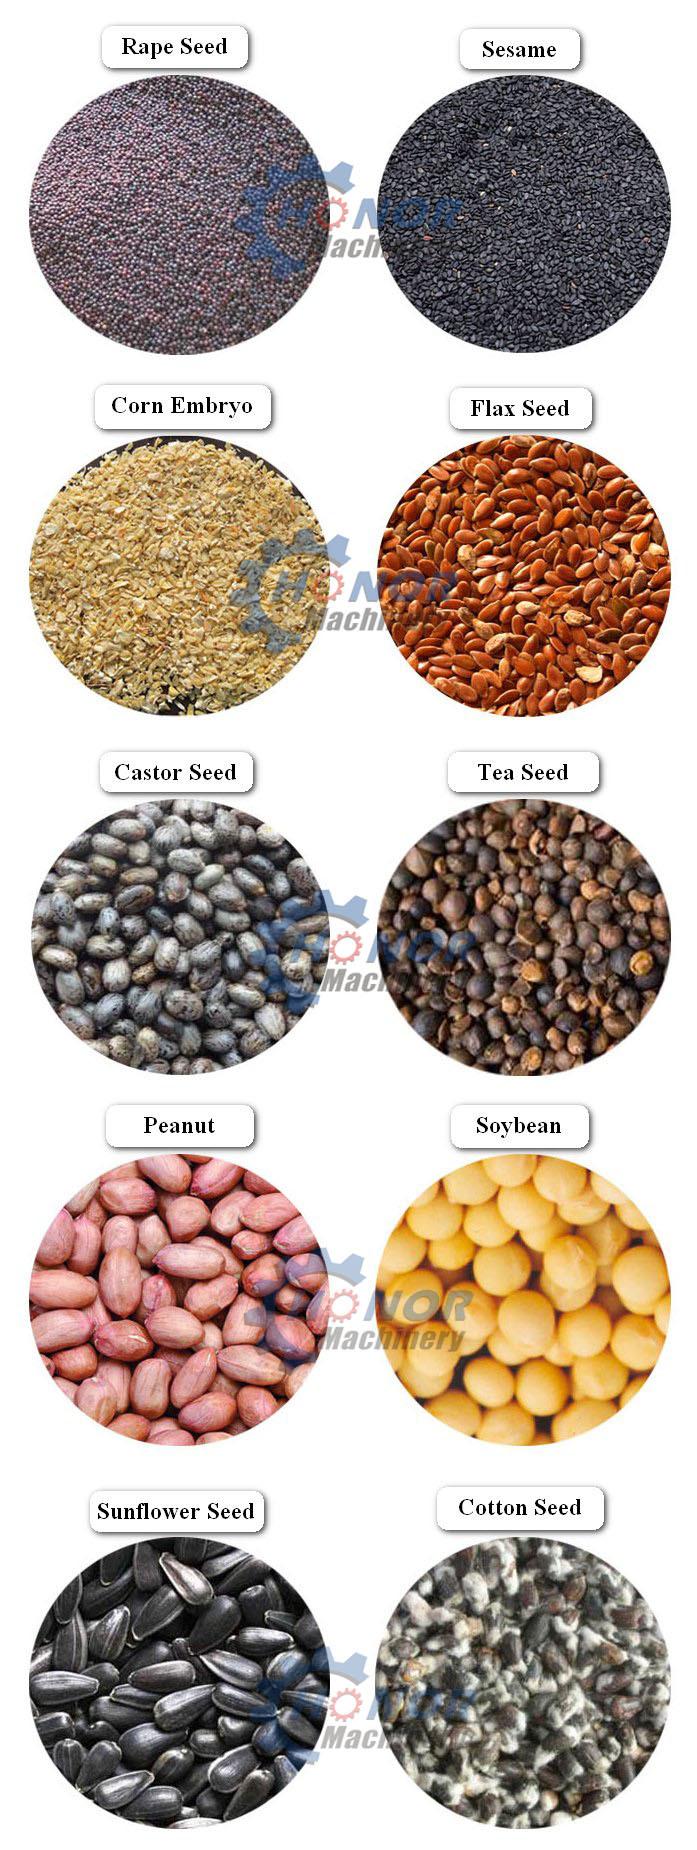 how to buy hemp seed oil